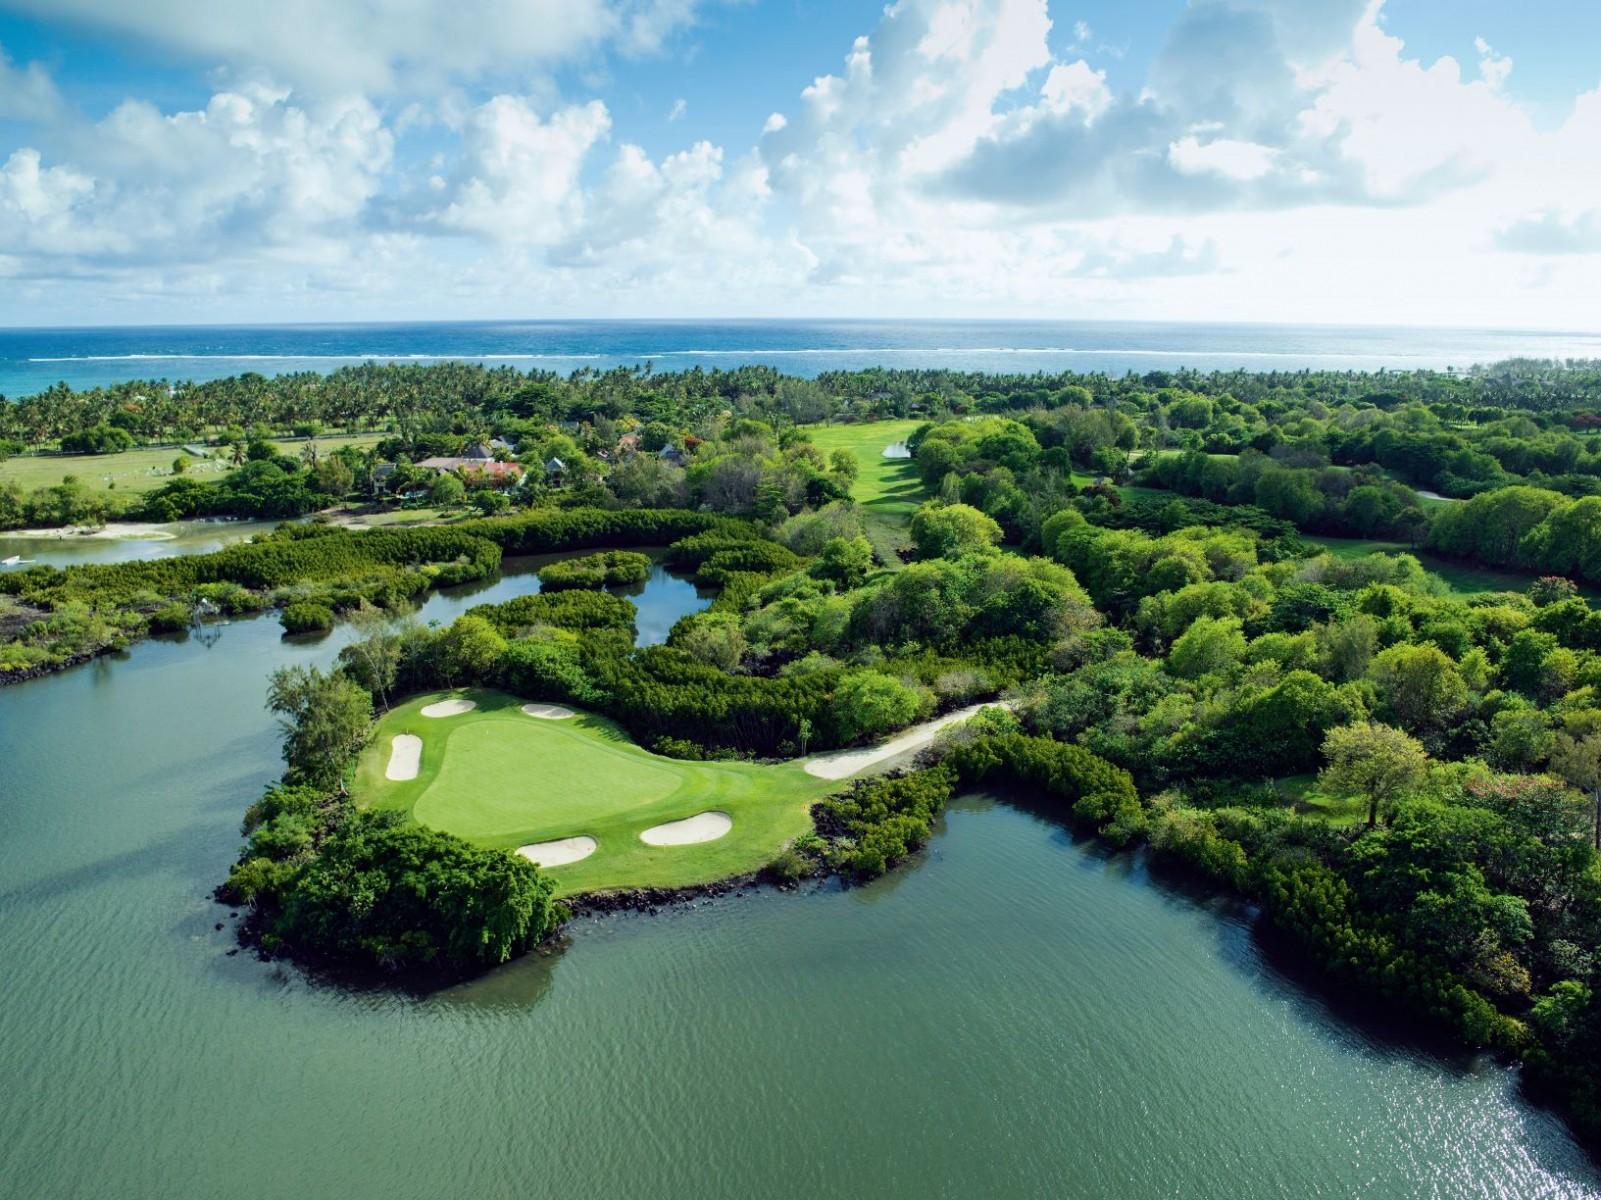 belle-mare-plage-legend-golf-course-33_hdj